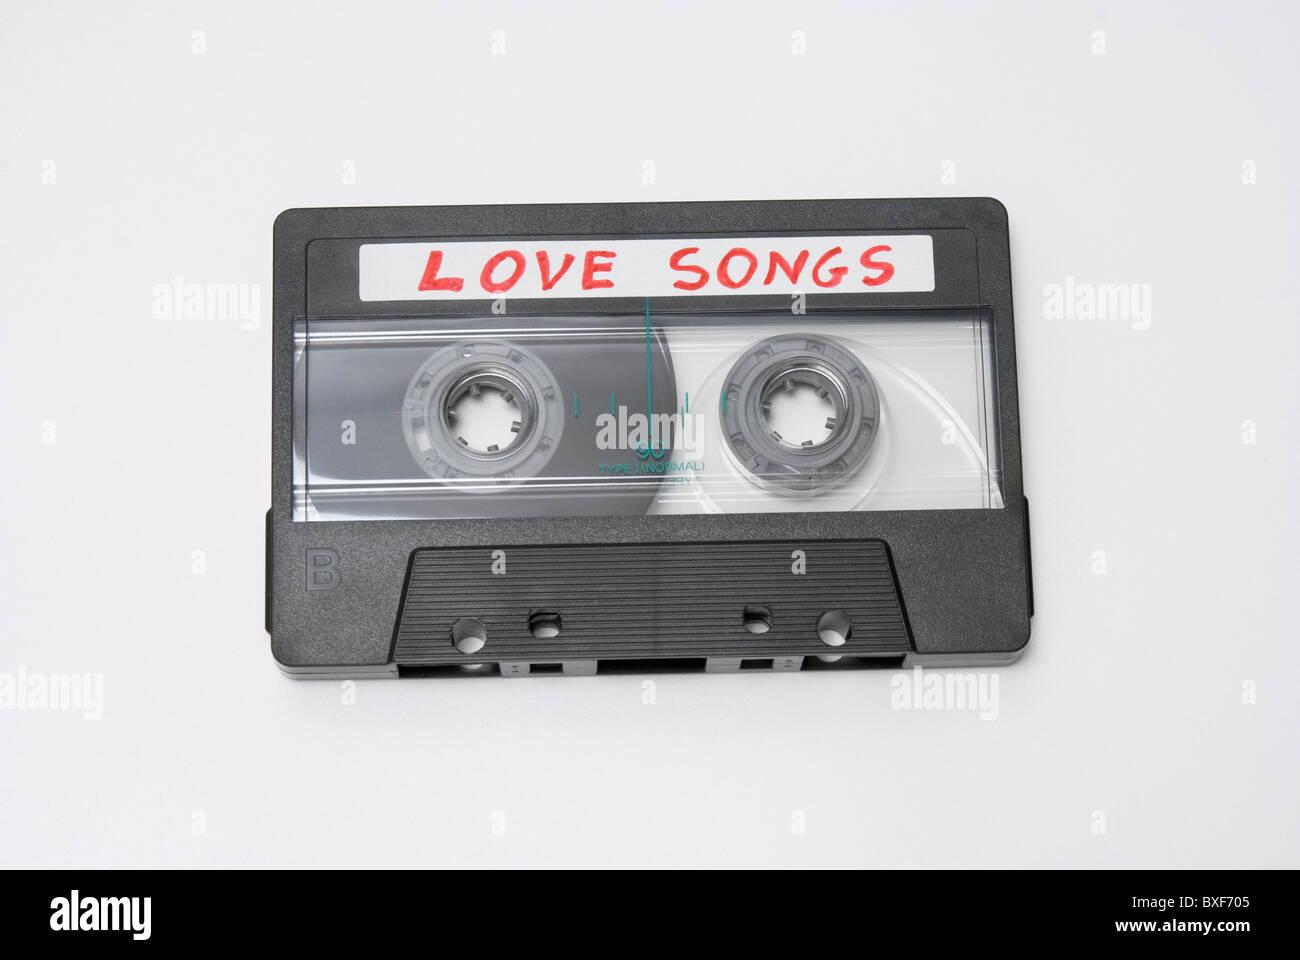 love songs audio cassette - Stock Image